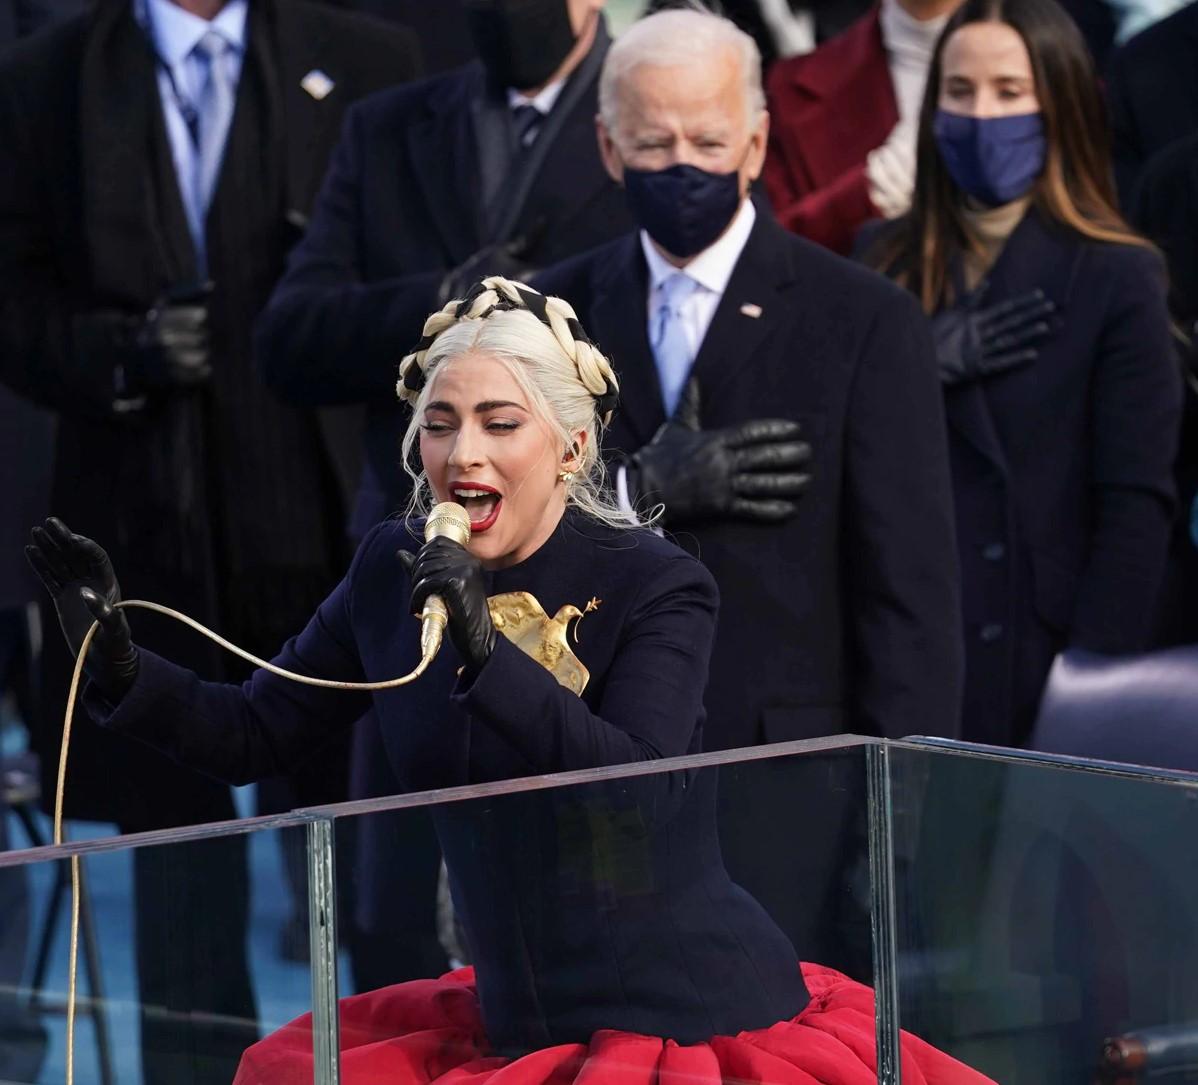 बाइडेनको शपथ ग्रहण समारोहमा सुपरस्टार लेडी गागाले गाइन राष्ट्रिय गान